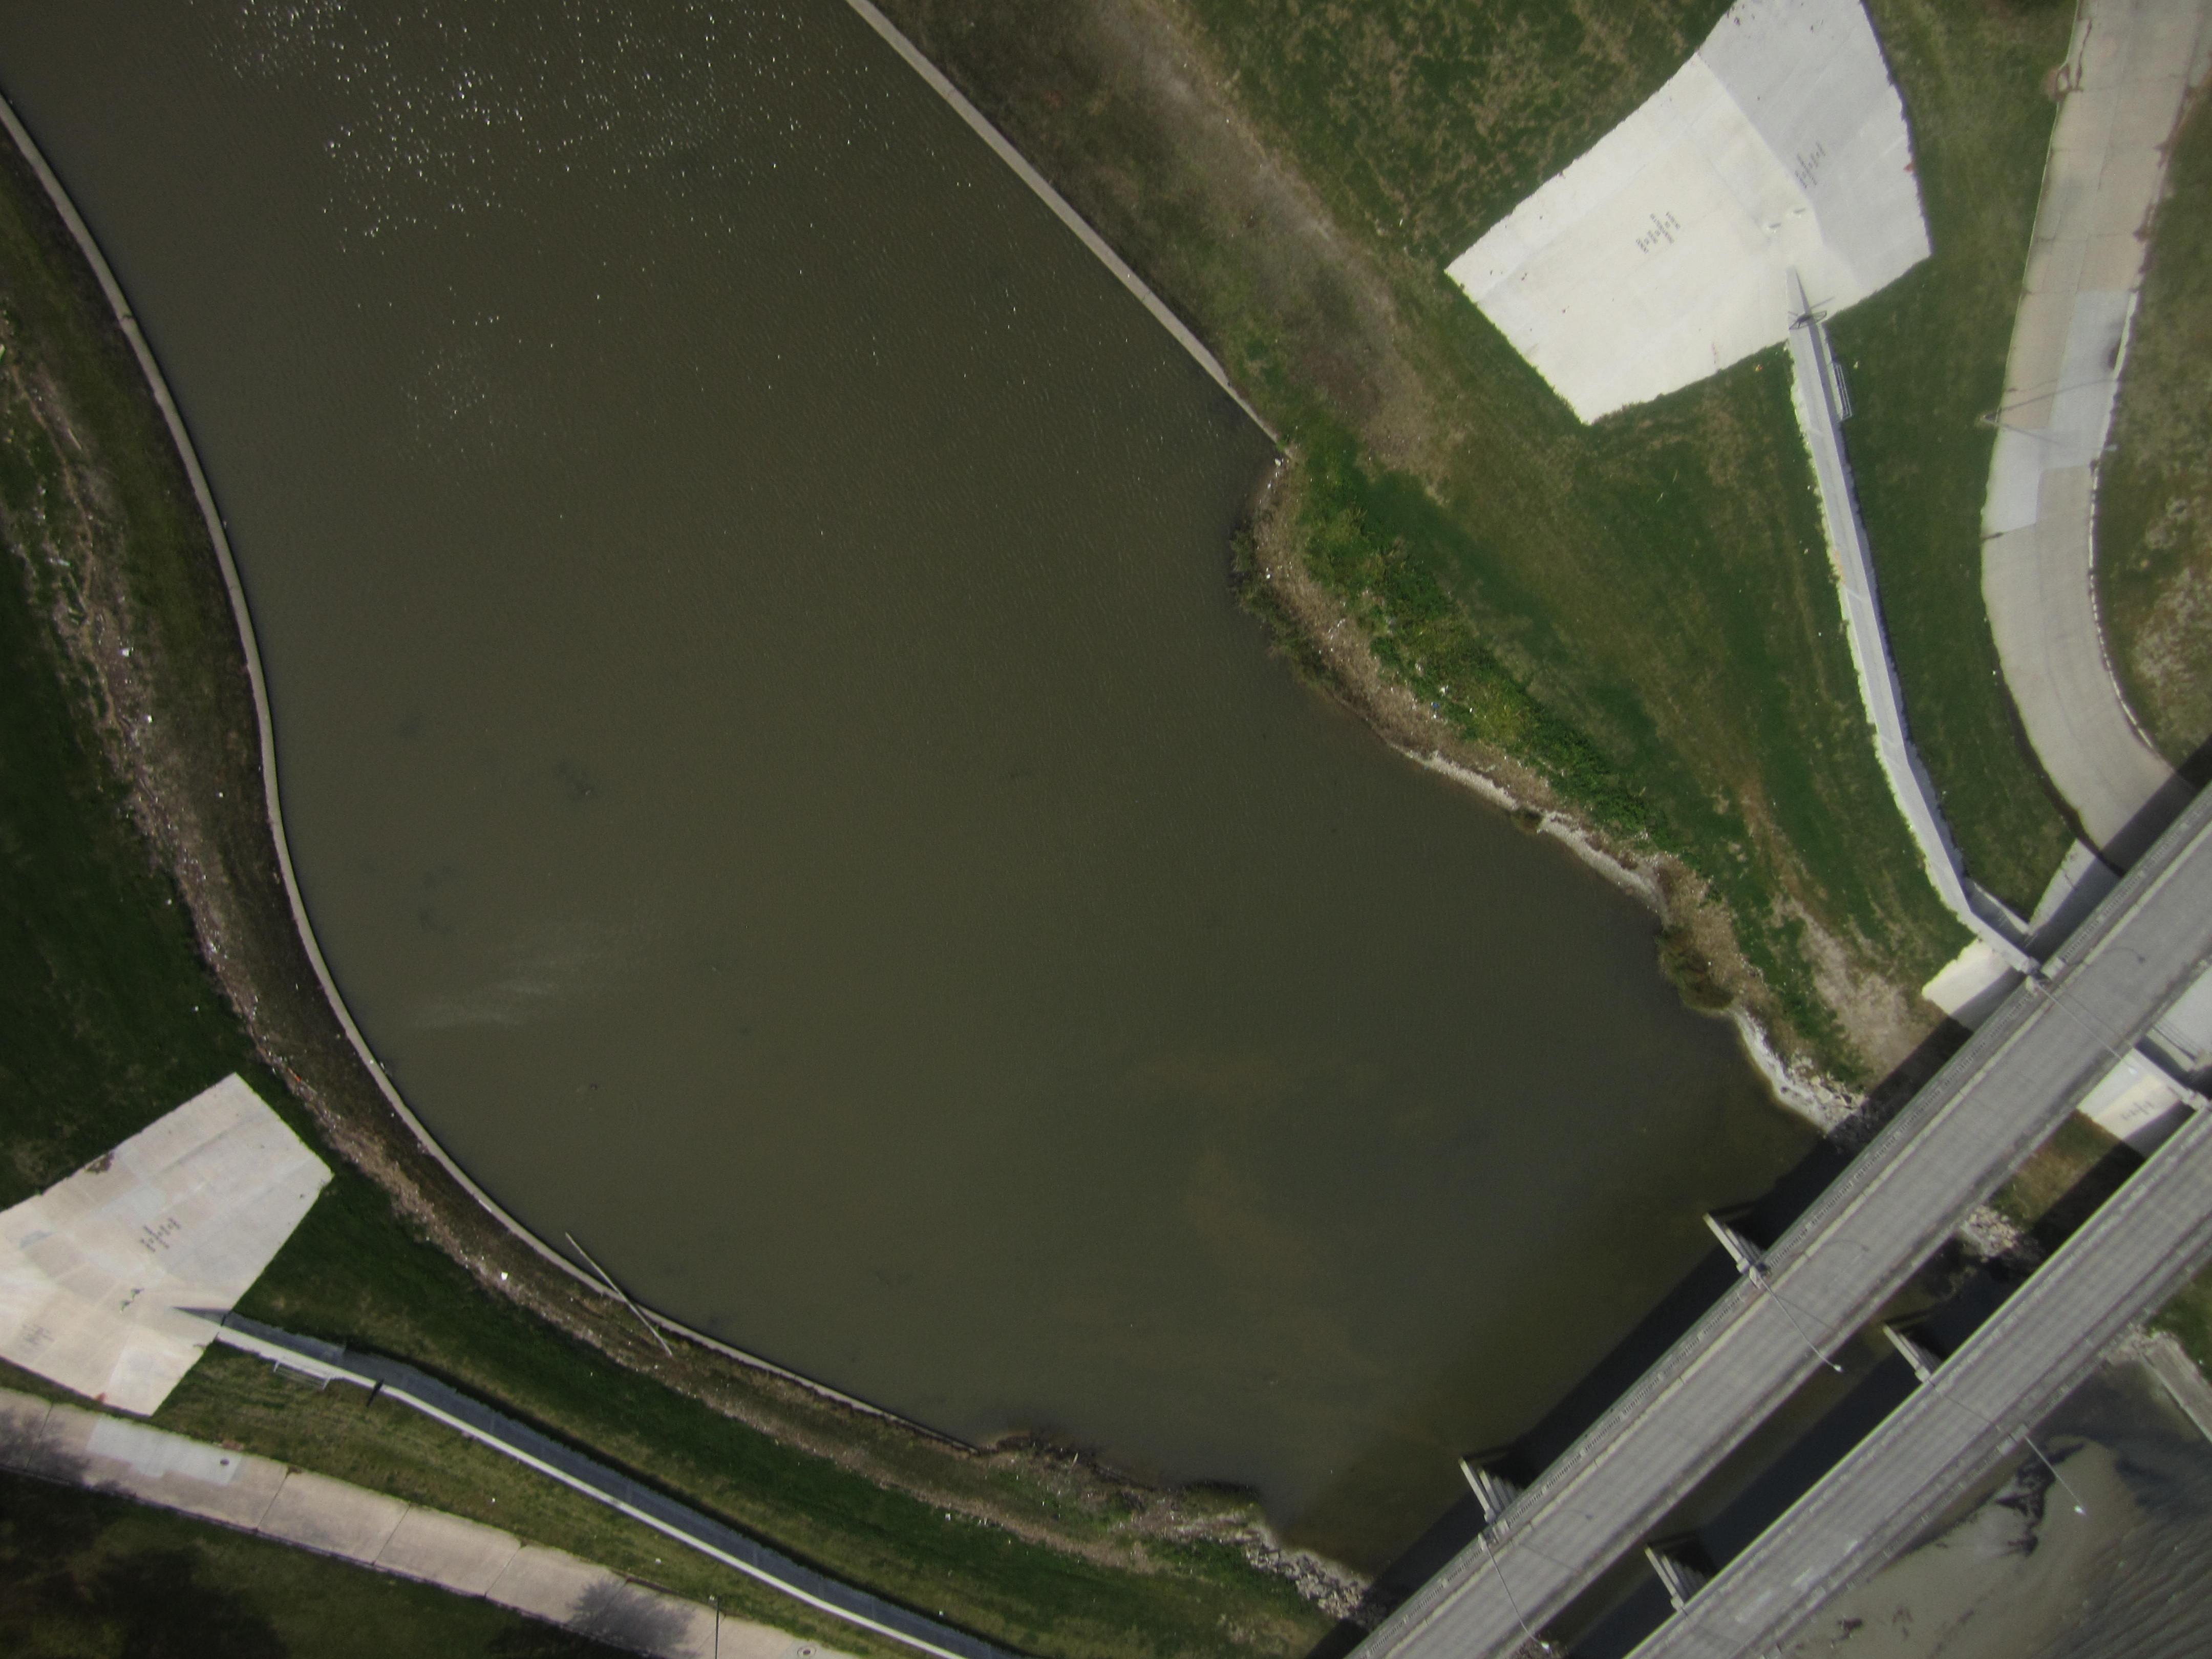 bayou-st-john-before-dredging-2012